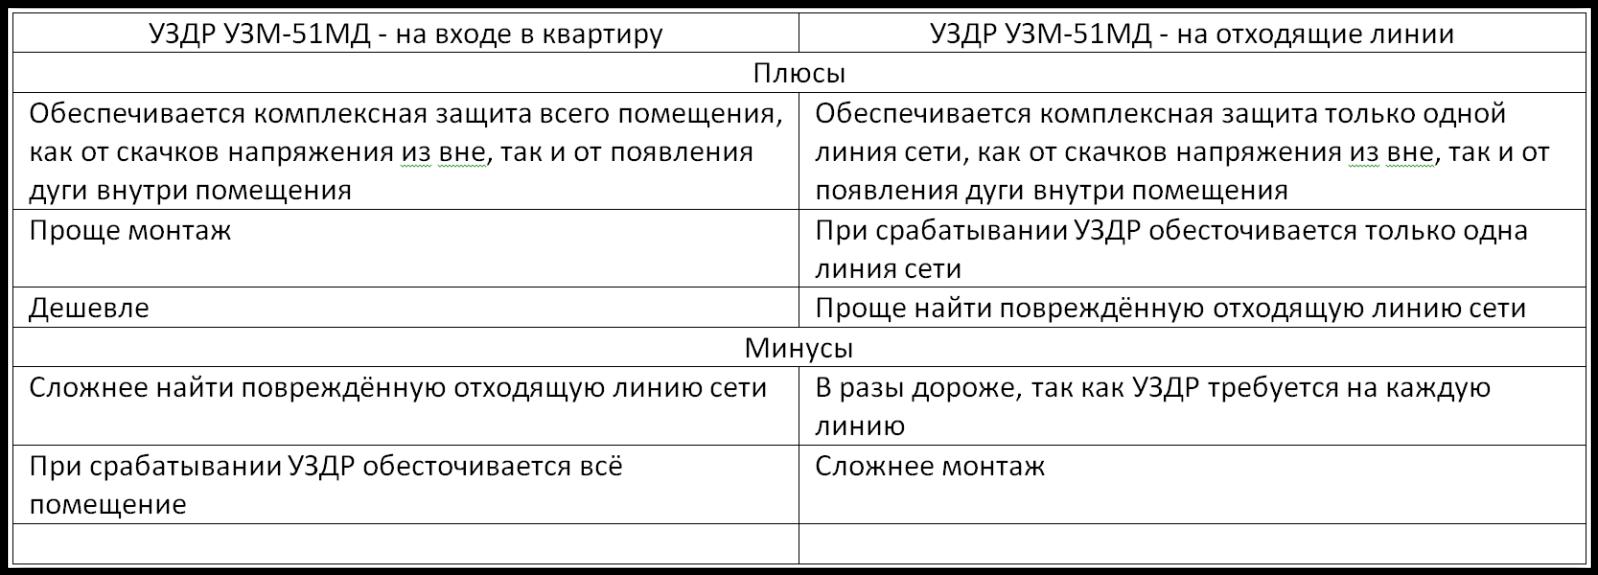 Противопожарное устройство защиты от искрения (УЗИс) - УЗМ-51МД 24gw278